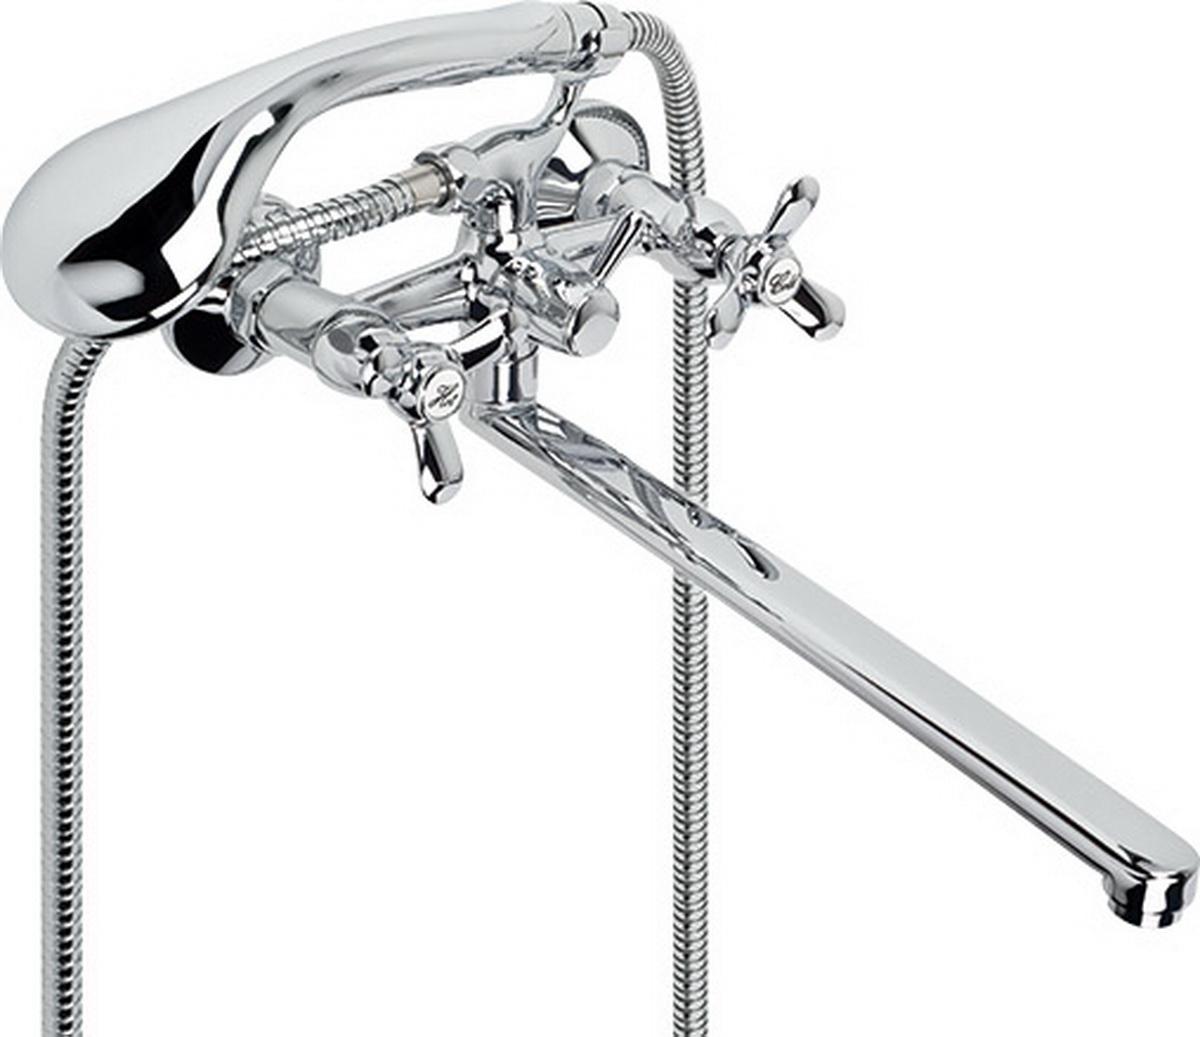 Смеситель для ванны и умывальника Argo Omega, керамический, длина 32,5 см3520Смеситель для ванны и умывальника Argo Omega предназначен для смешивания холодной и горячей воды, устанавливается на стену. Выполнен из высококачественного металла с покрытием из никеля и хрома.Запорный механизм: кран букса 1/2 90° Керамика 7,7х20 Тип дайвотера: клапанныйАэратор: ячейковый М24х1 Only-Plast, 10-13 л/мин при 0,3 МПаКрепеж: эксцентрик 3/4х1/2, прокладка-фильтр Комплектация:Душевой шланг 150 см, хромированная нержавеющая сталь, двойной замок, 1/2 Душевая лейка Duo